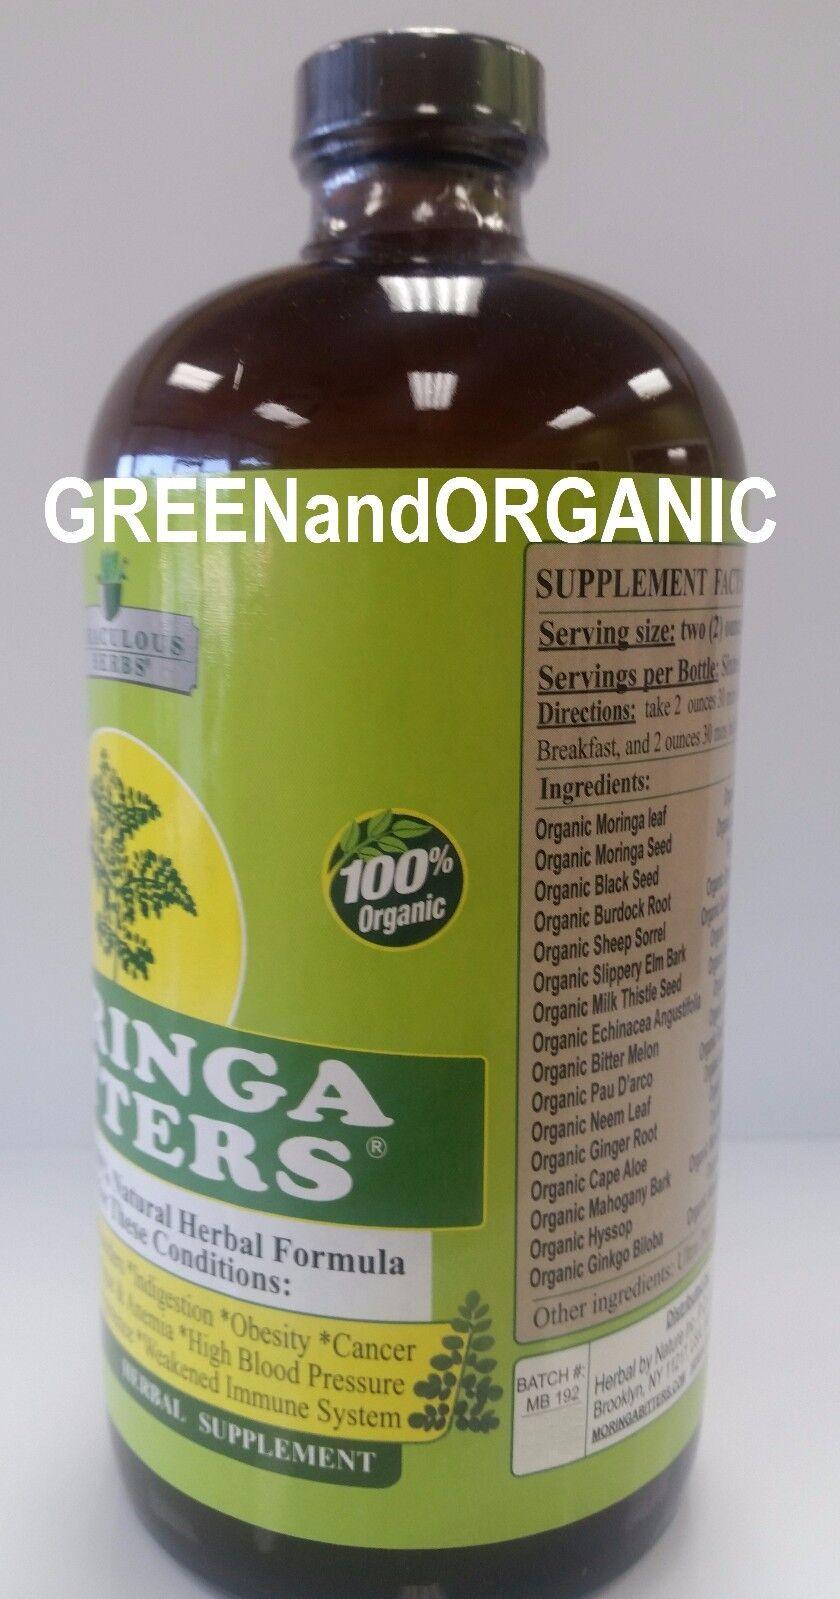 ORIGINAL 100%Organic MORINGA DETOX Bitters HERBAL DIETARY SUPPLEMENT Veg  NATURAL